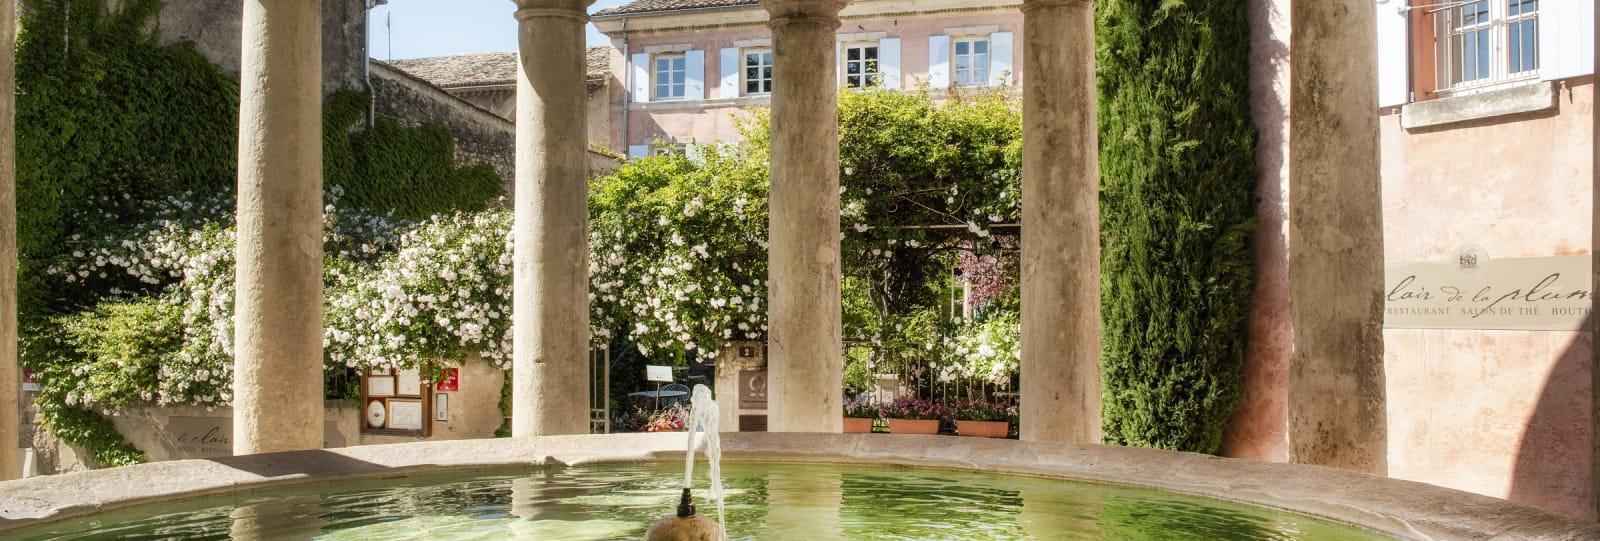 Lavoir classé - Hôtel Le Clair de la Plume